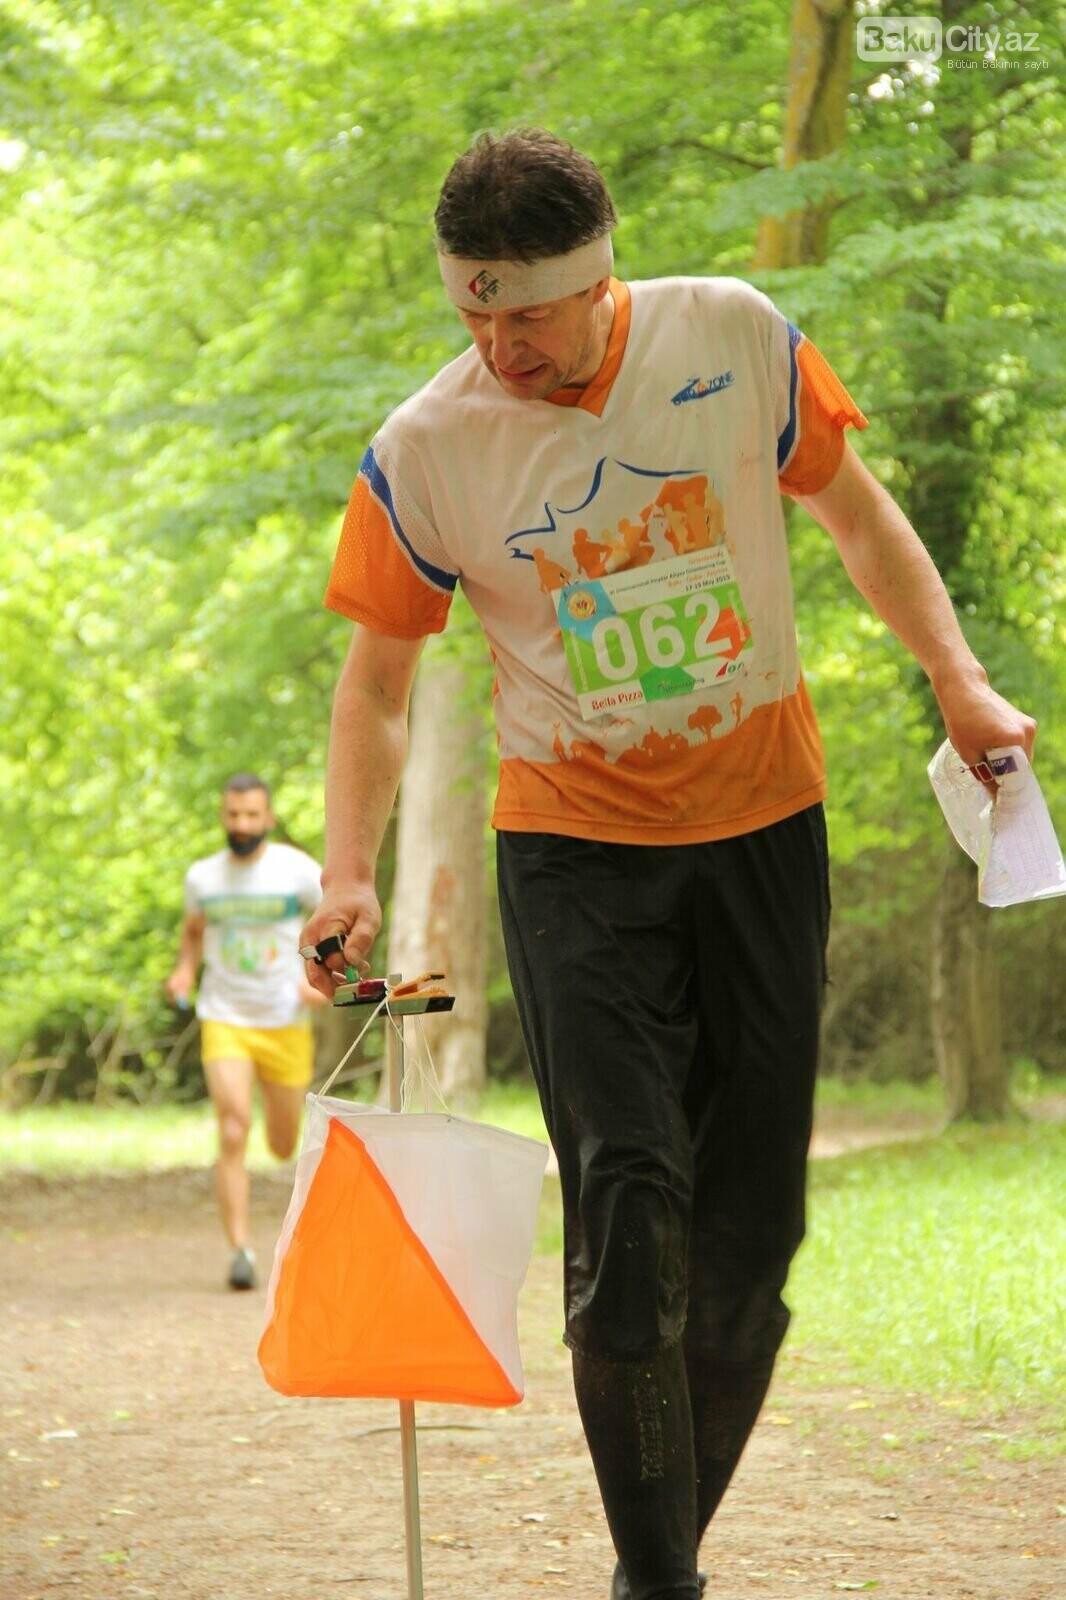 Bakıda Səmti müəyyənetmə üzrə Beynəlxalq yarış keçirilib - FOTO, fotoşəkil-7